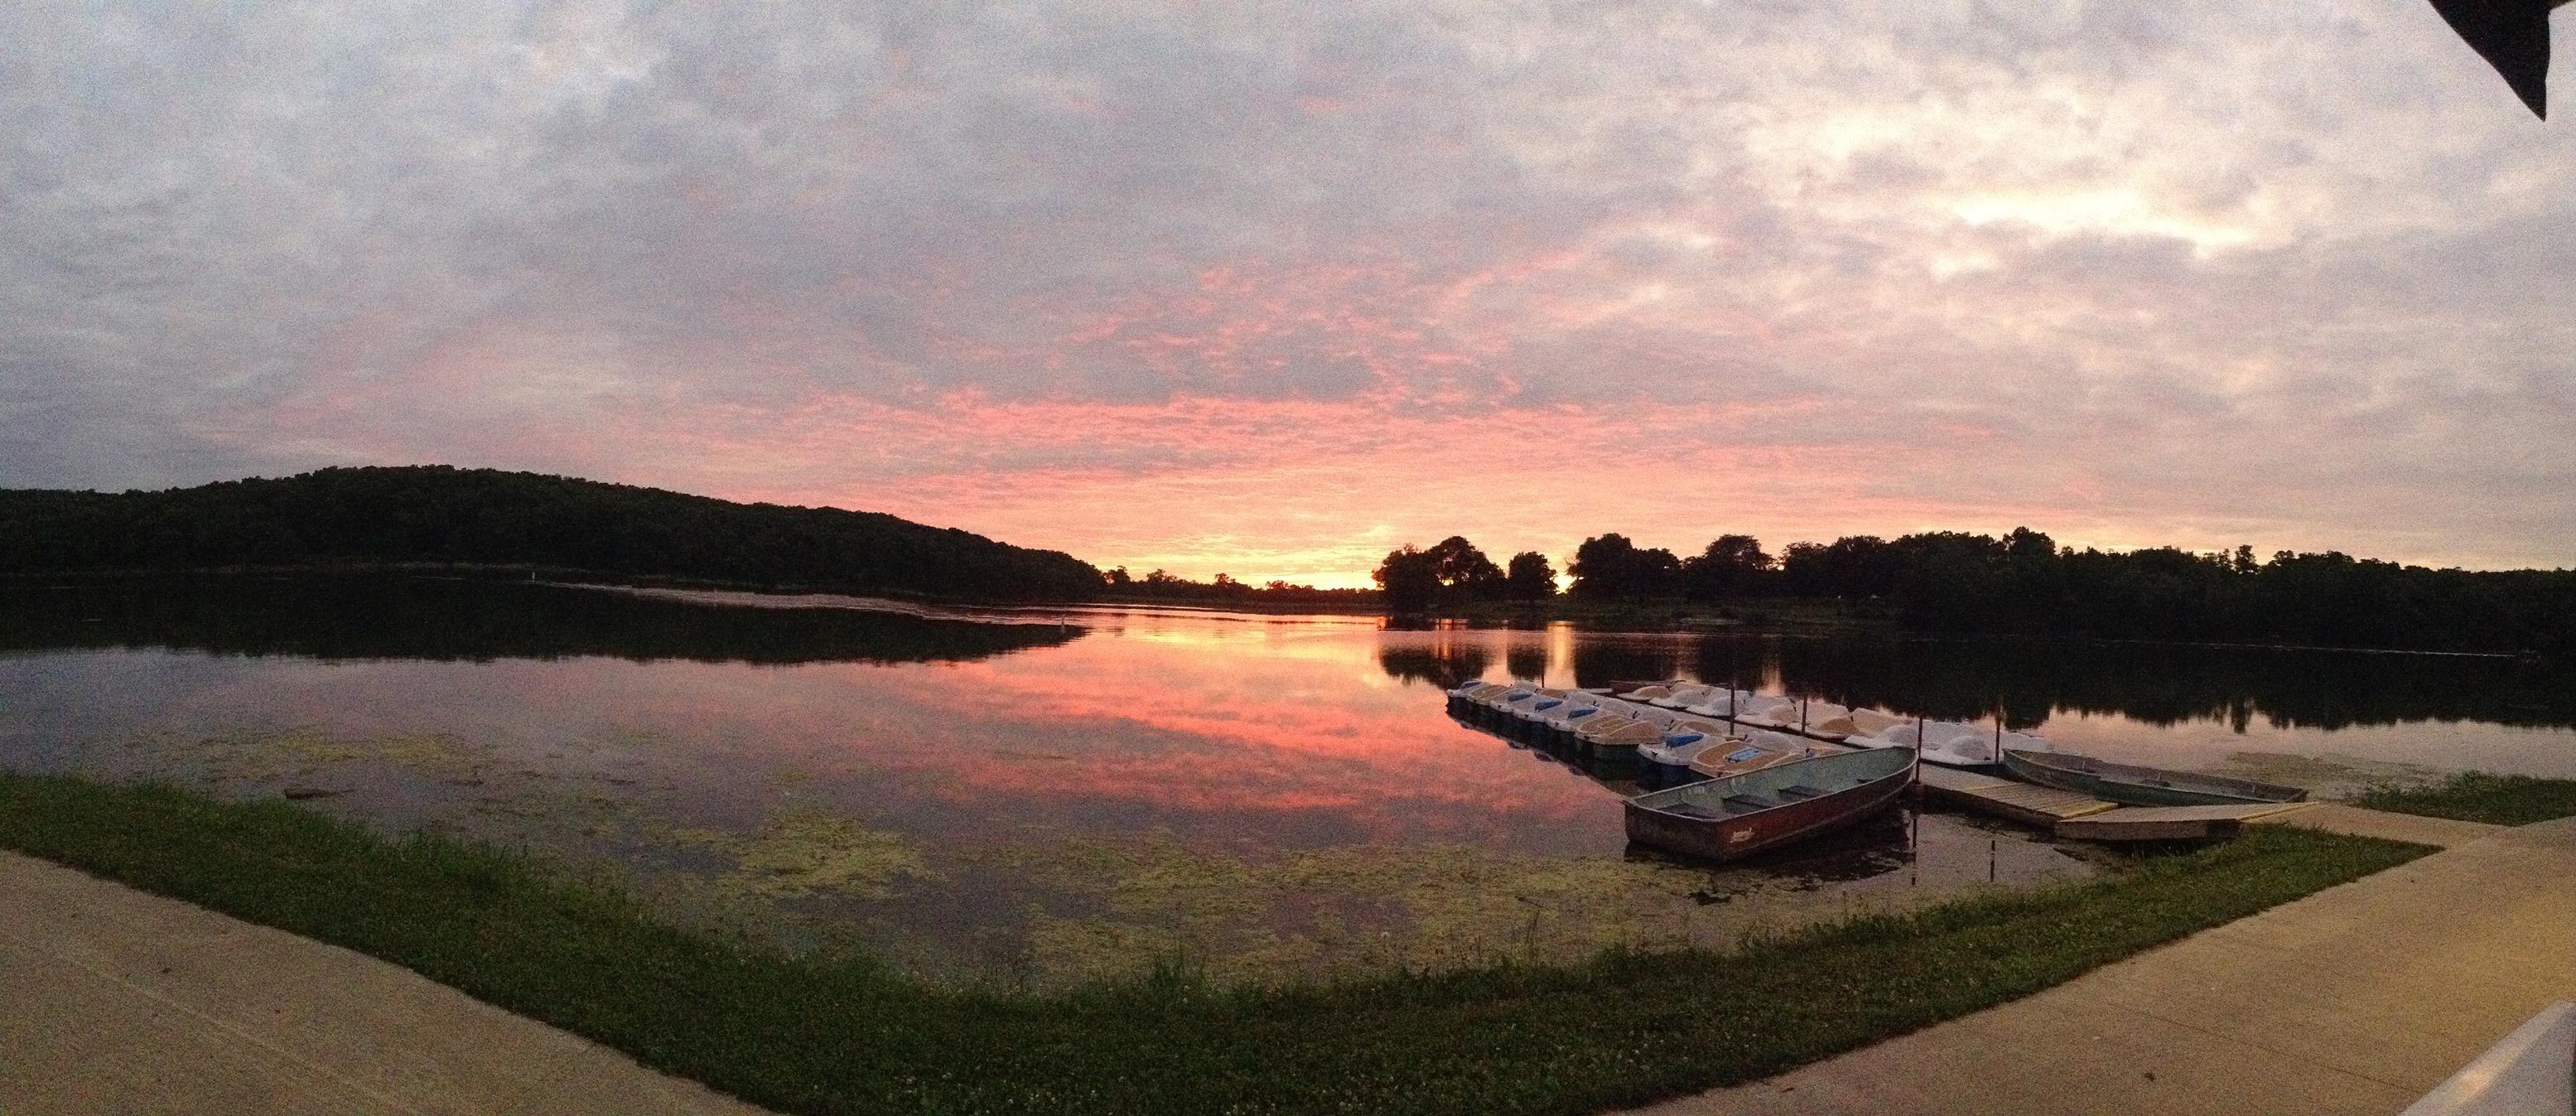 Sunset at Lake Ahquabi